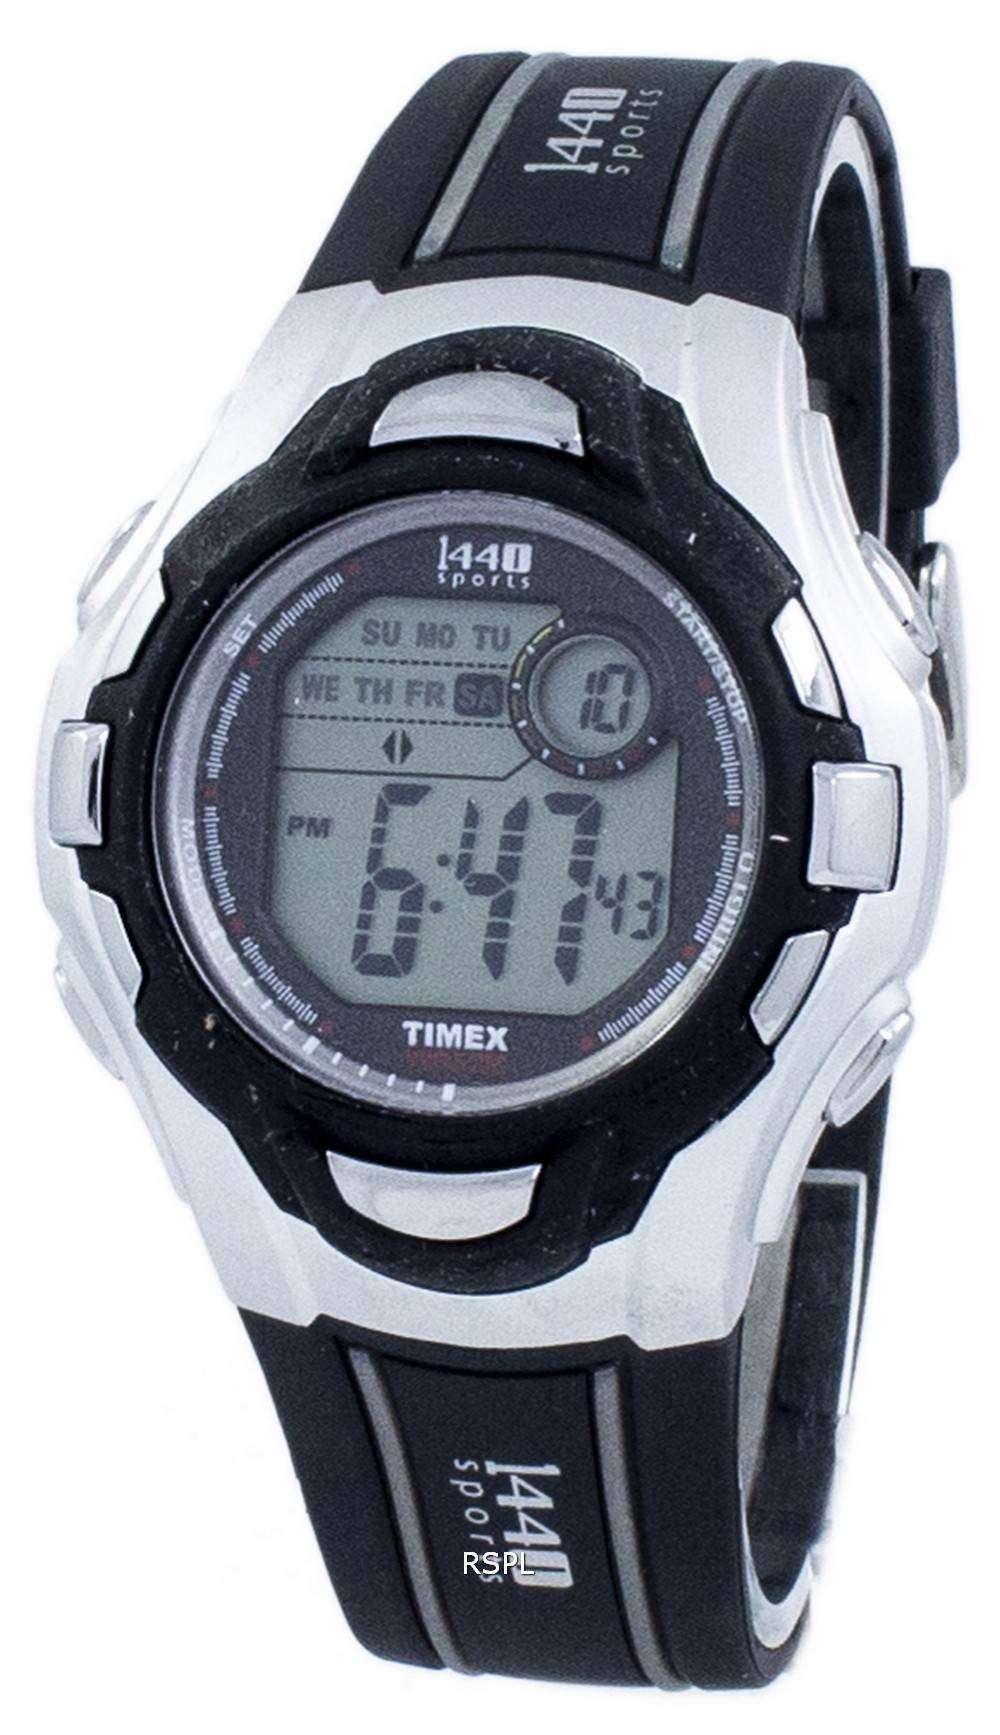 タイメックス 1440 スポーツ Indiglo デジタル T5H091 メンズ腕時計